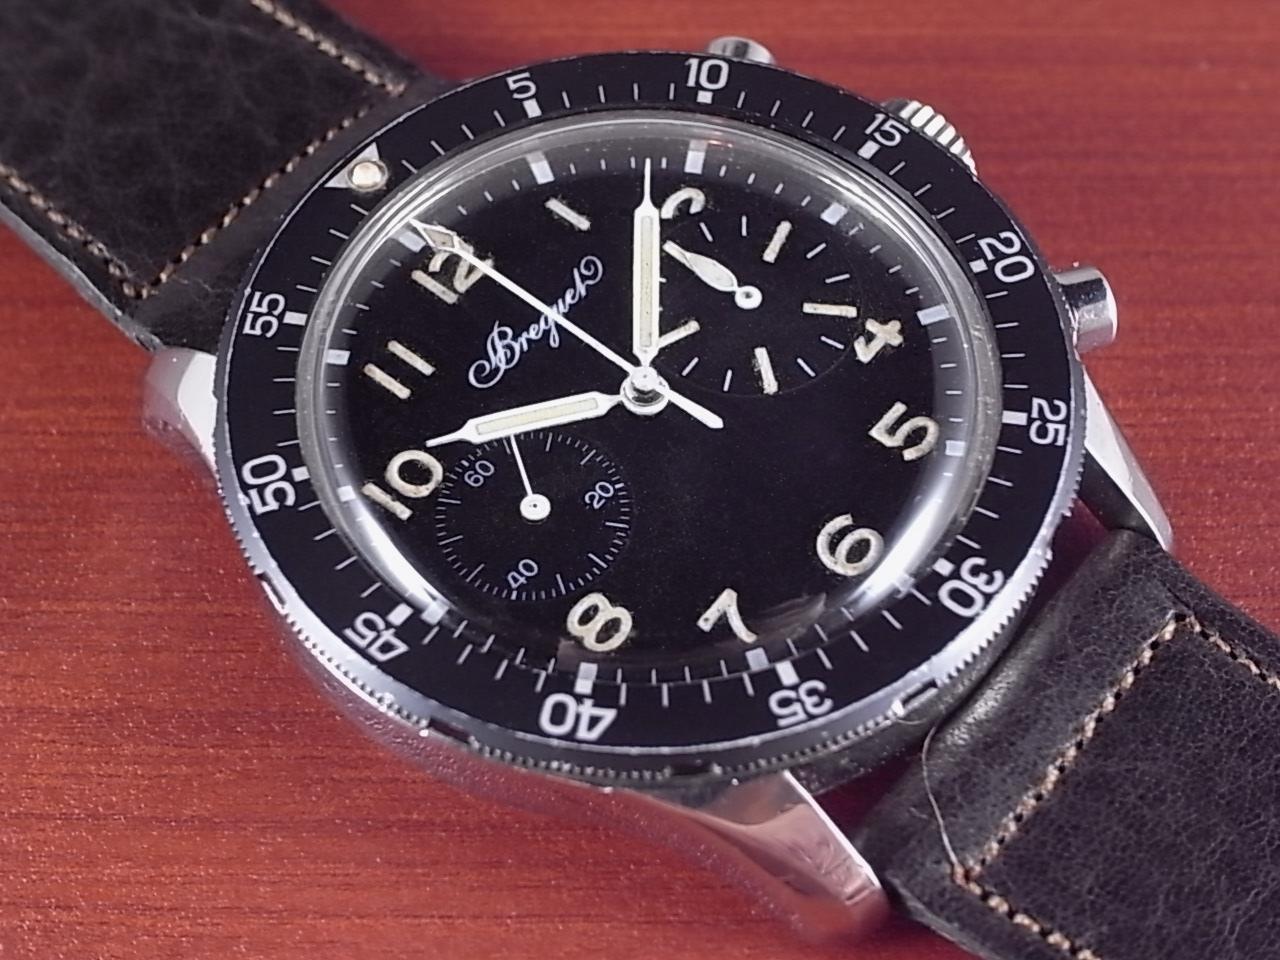 ブレゲ タイプ20 パイロットクロノグラフ 第二世代初期モデル 1970年代のメイン写真